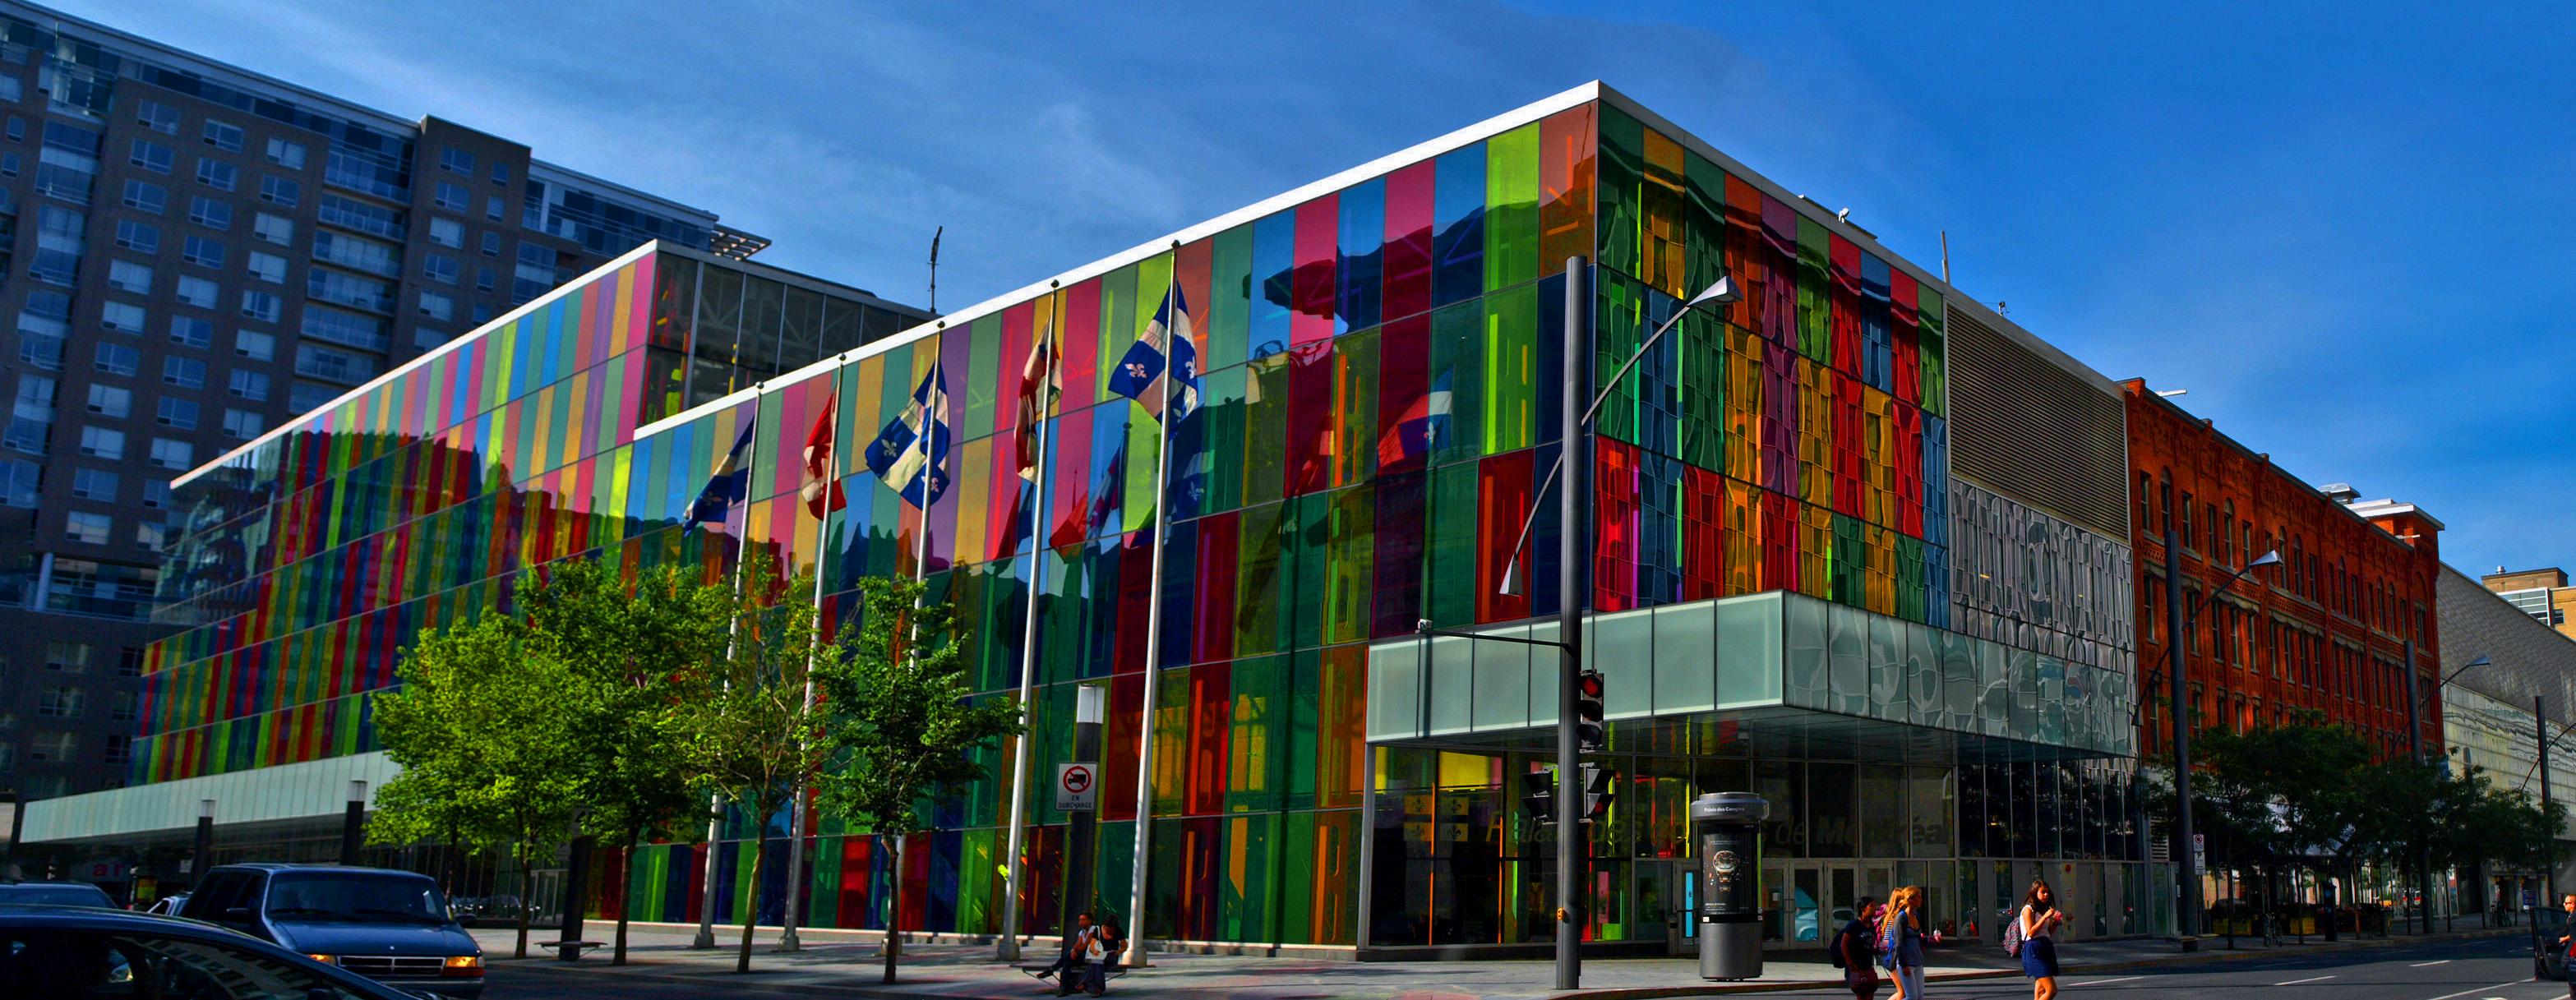 Centre Commercial Palais Des Congrès file:panorama for the exterior of palais des congrès de montréal